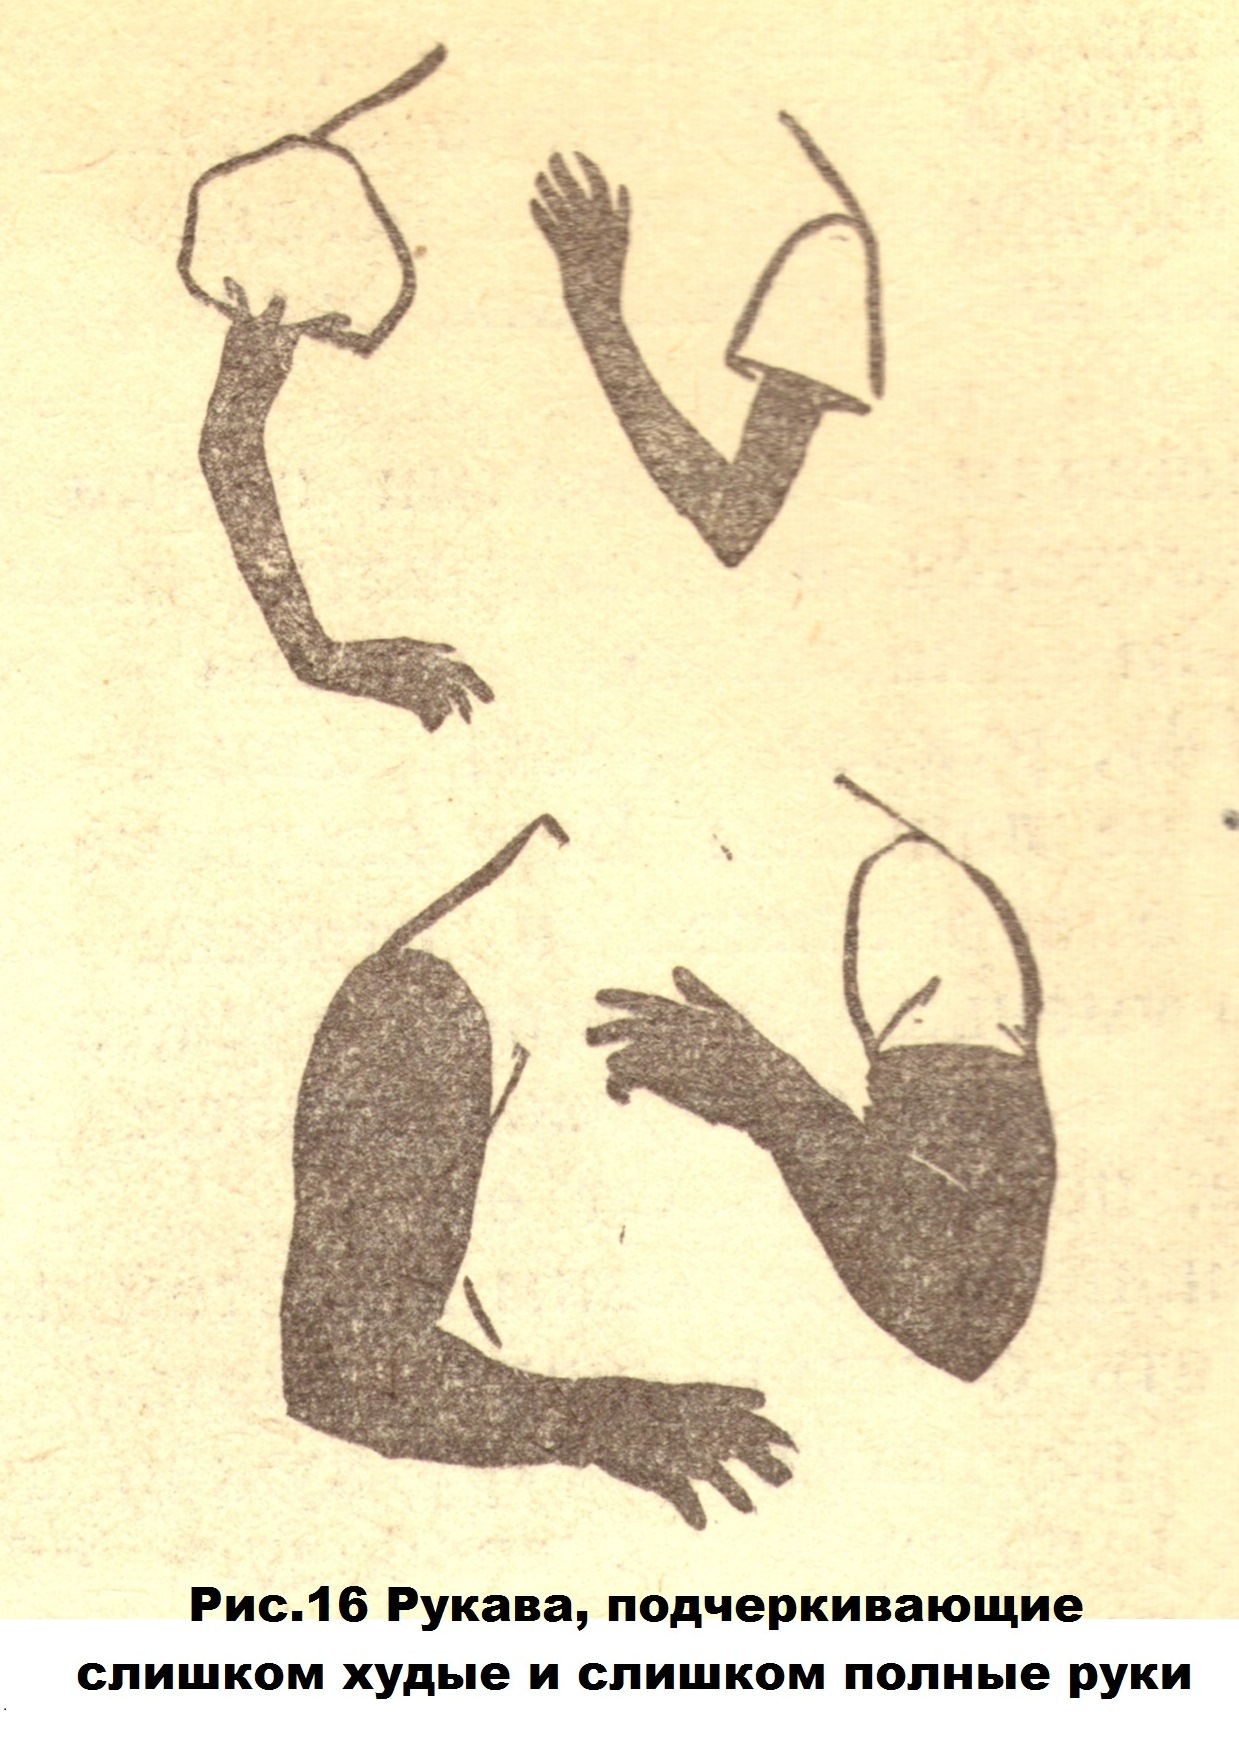 Худые и полные руки (16)